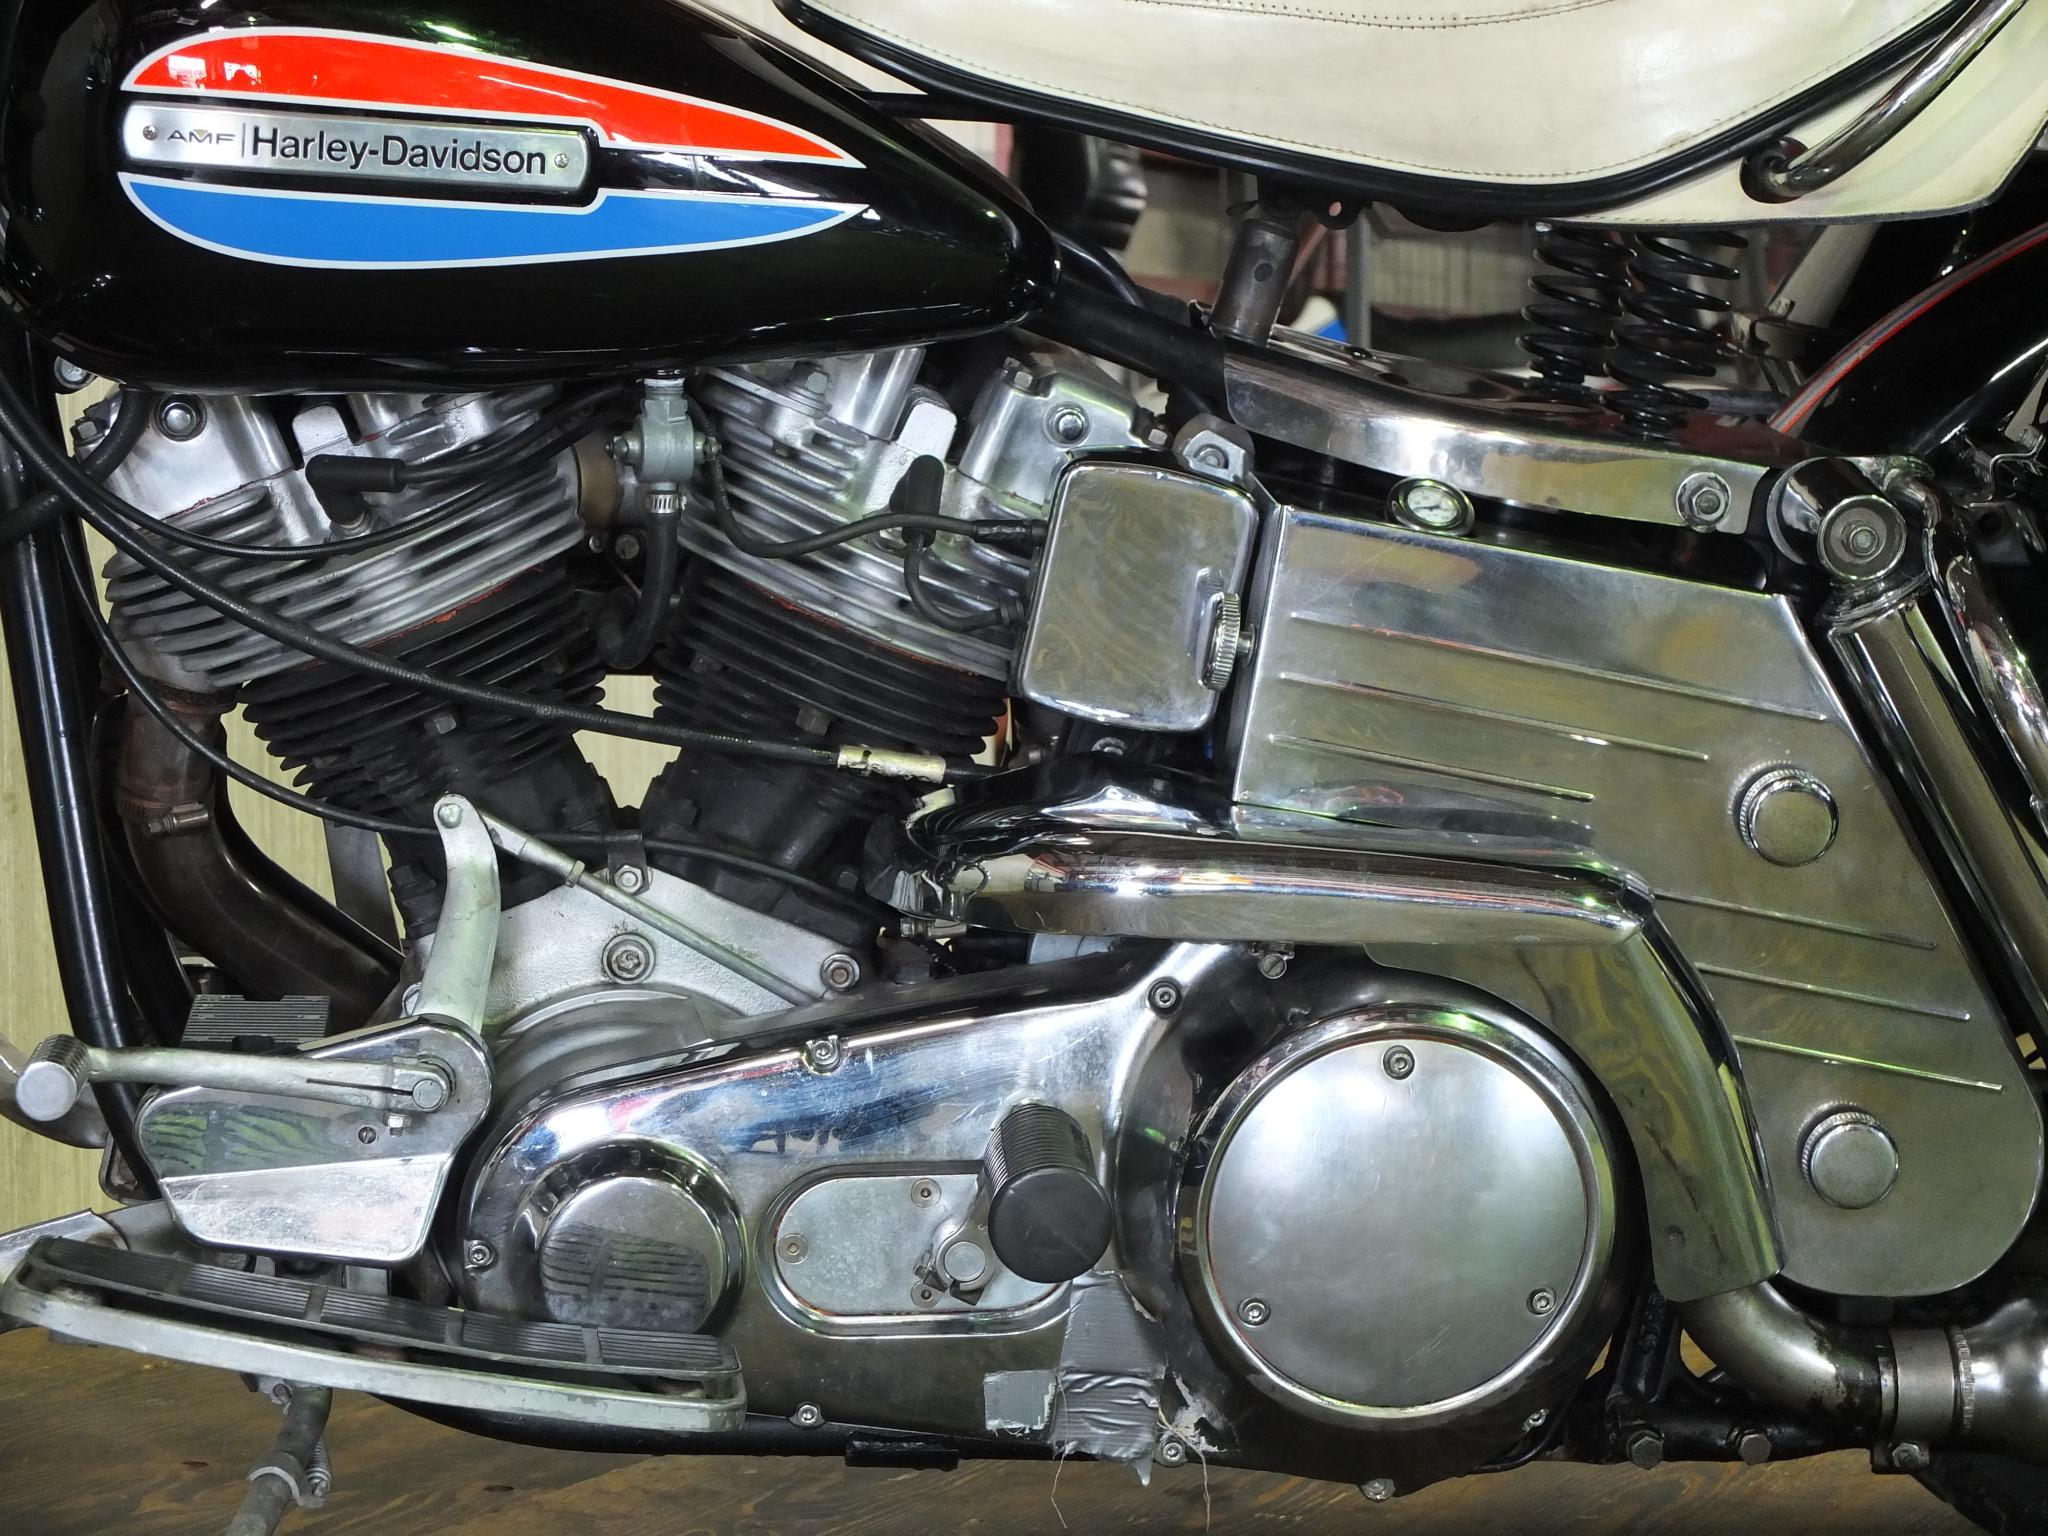 ハーレーダビッドソン 1972 FLH 1200 車体写真8